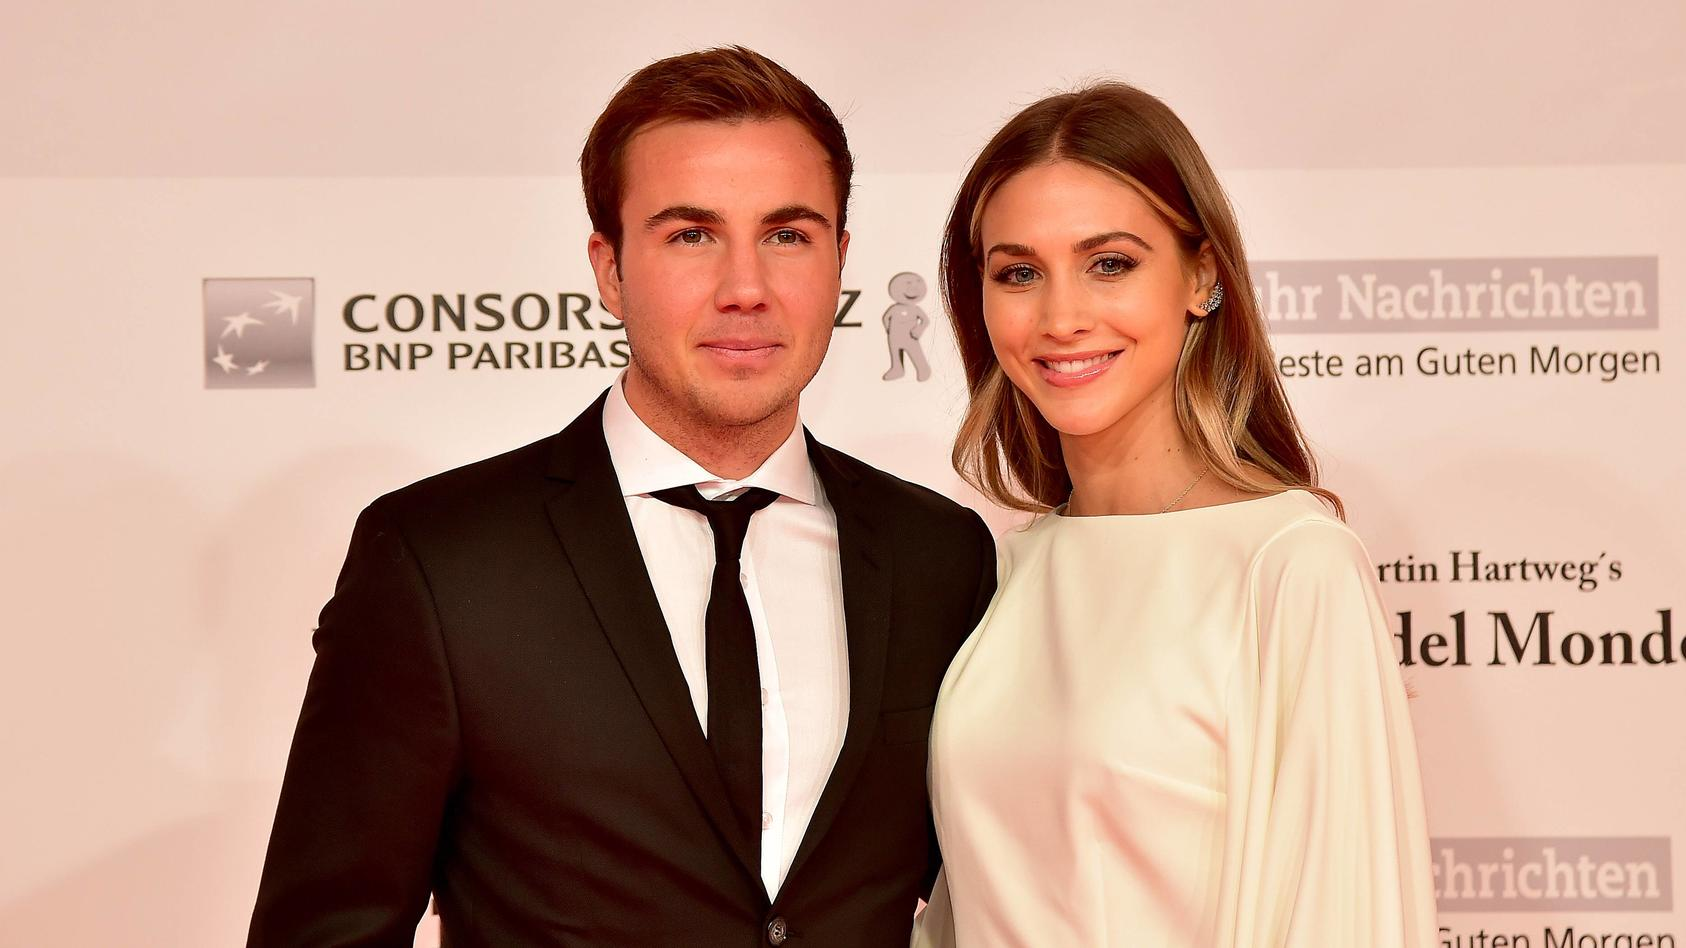 Mario Götze mit Ehefrau Ann-Kathrin Götze feiern Silvester am liebsten in Dubai